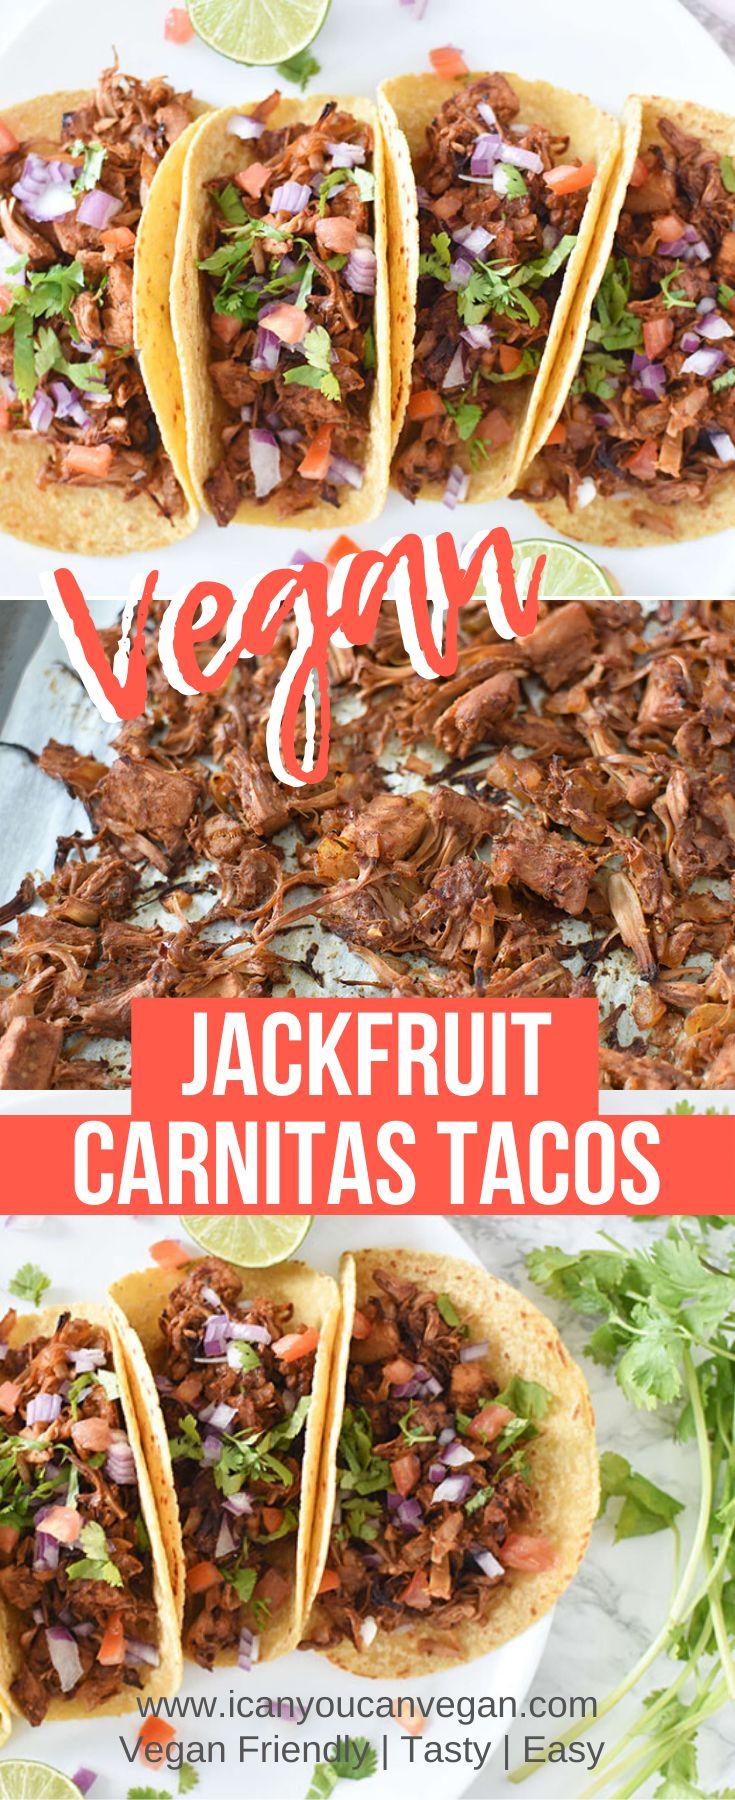 Easy jackfruit carnitas tacos i can you can vegan